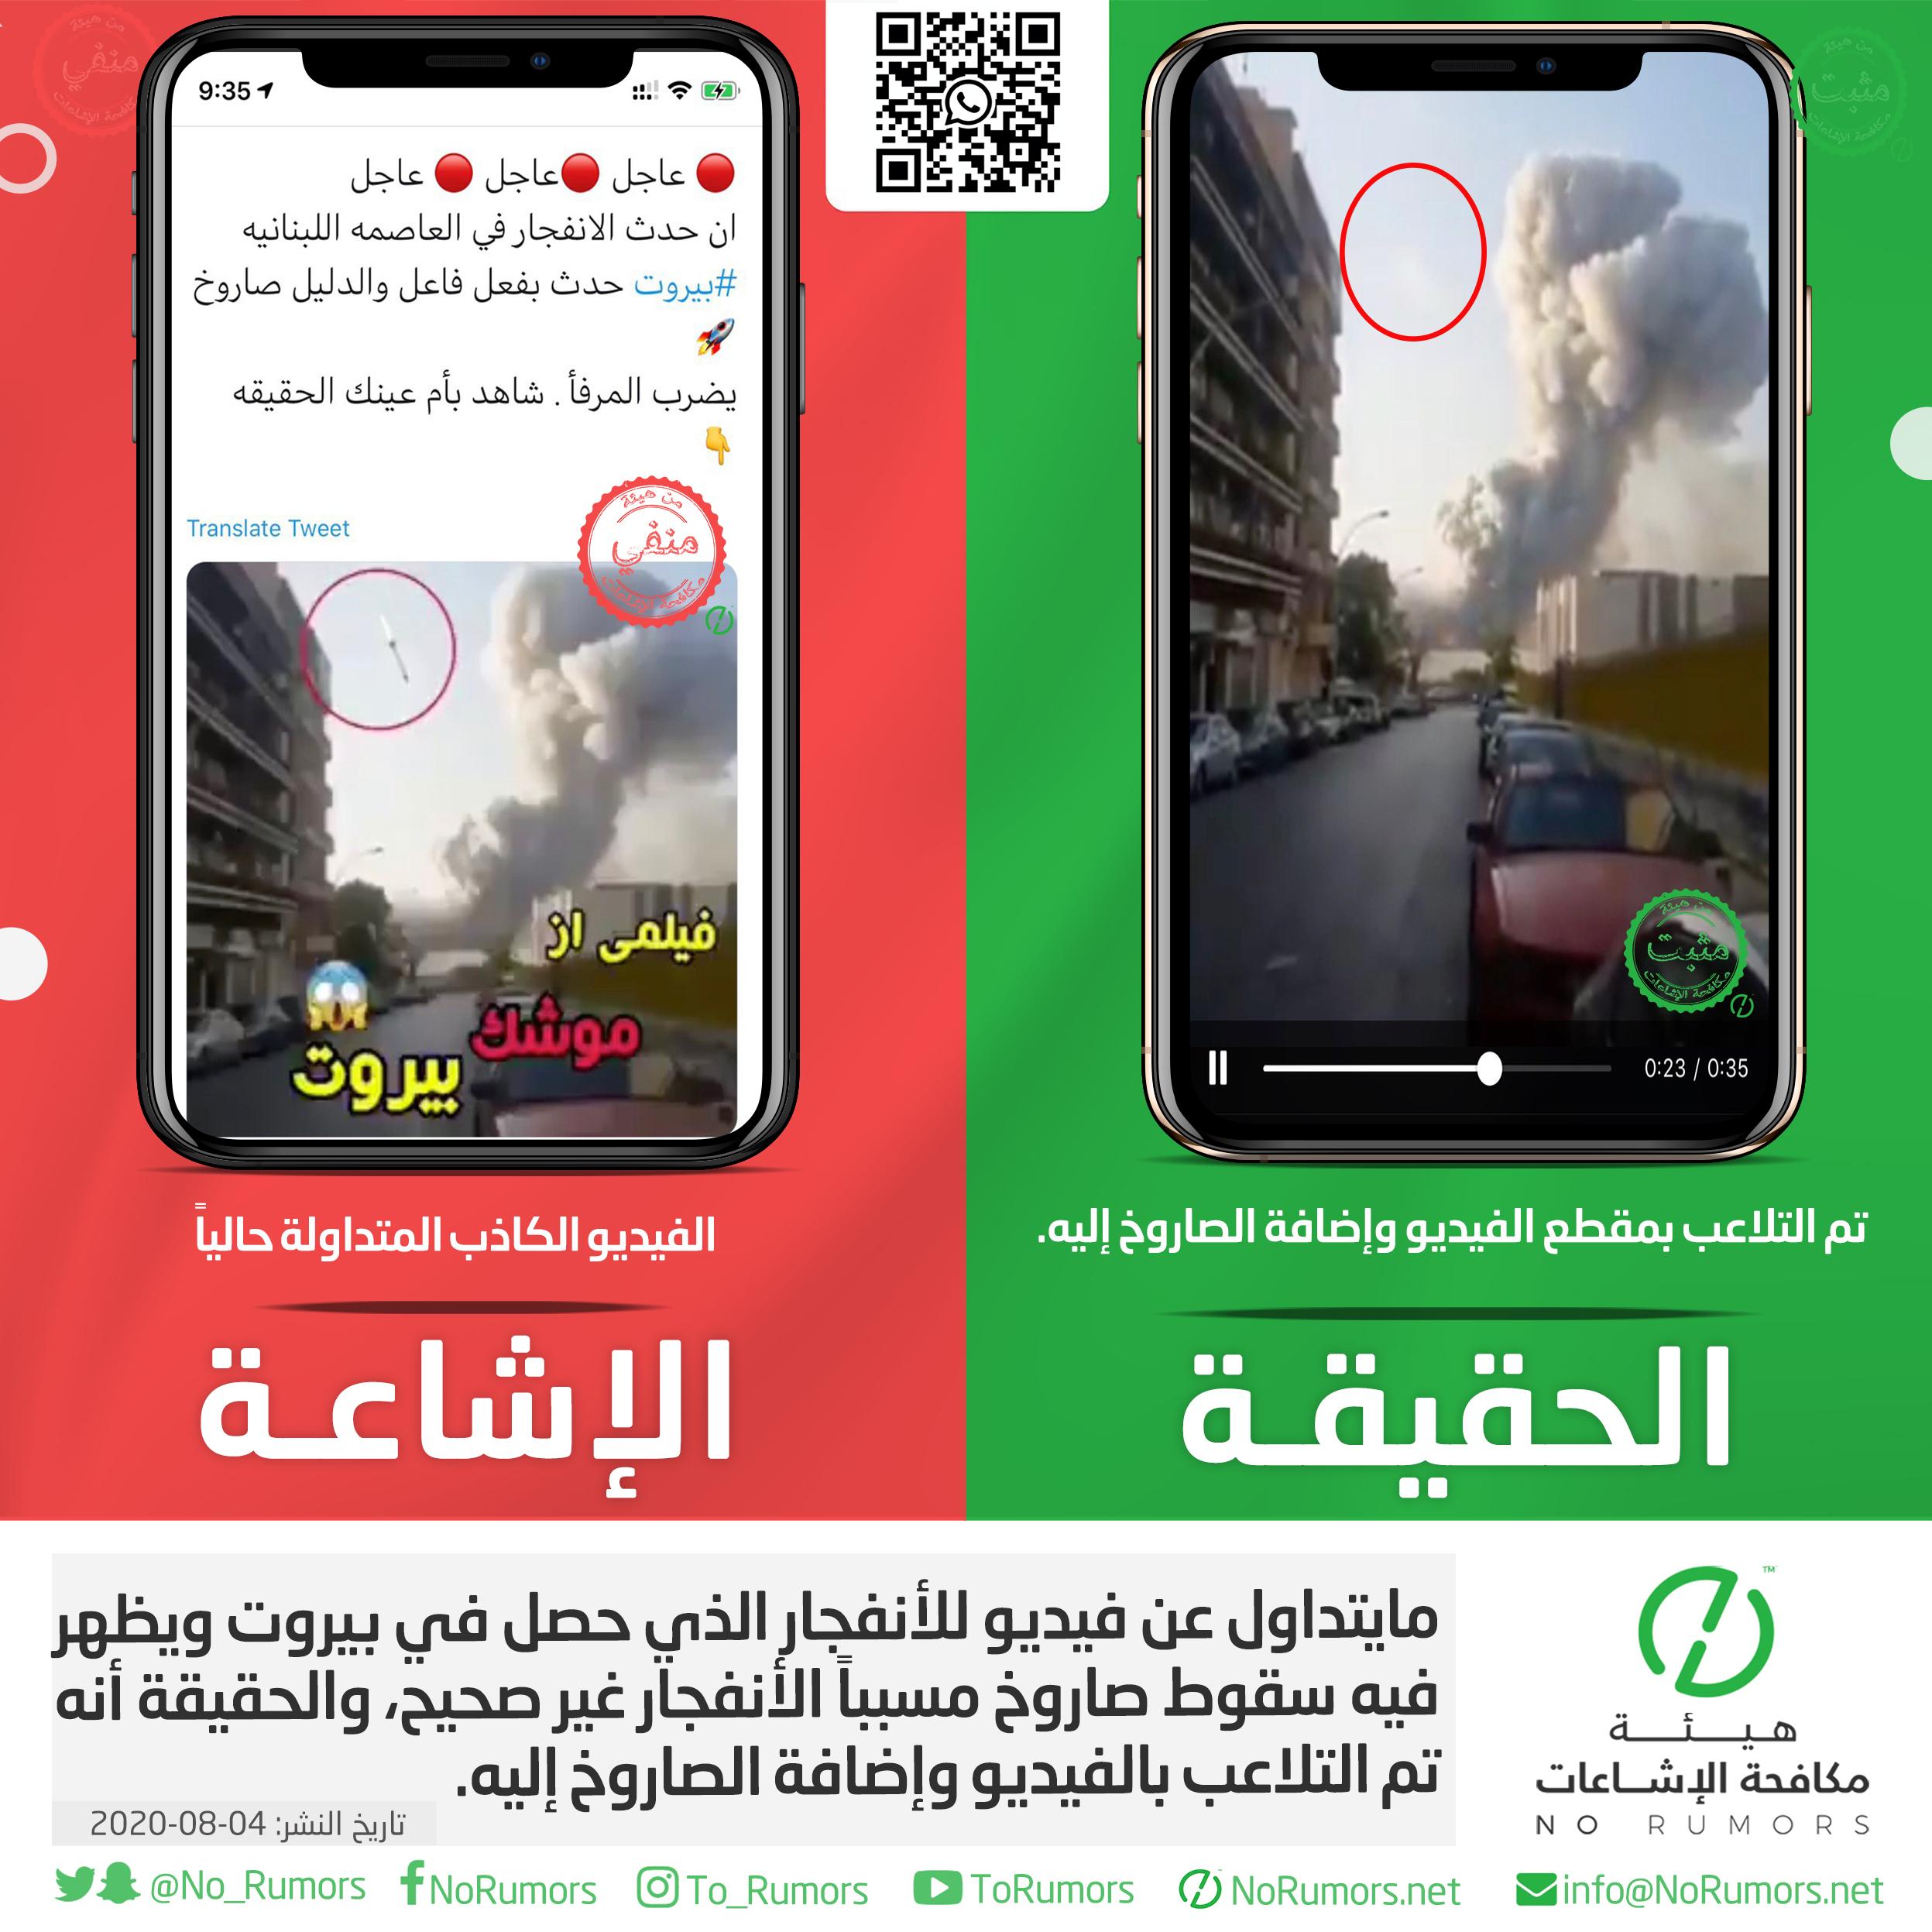 حقيقة مايتداول عن فيديو للأنفجار الذي حصل في بيروت ويظهر  فيه سقوط صاروخ مسبباً الأنفجار